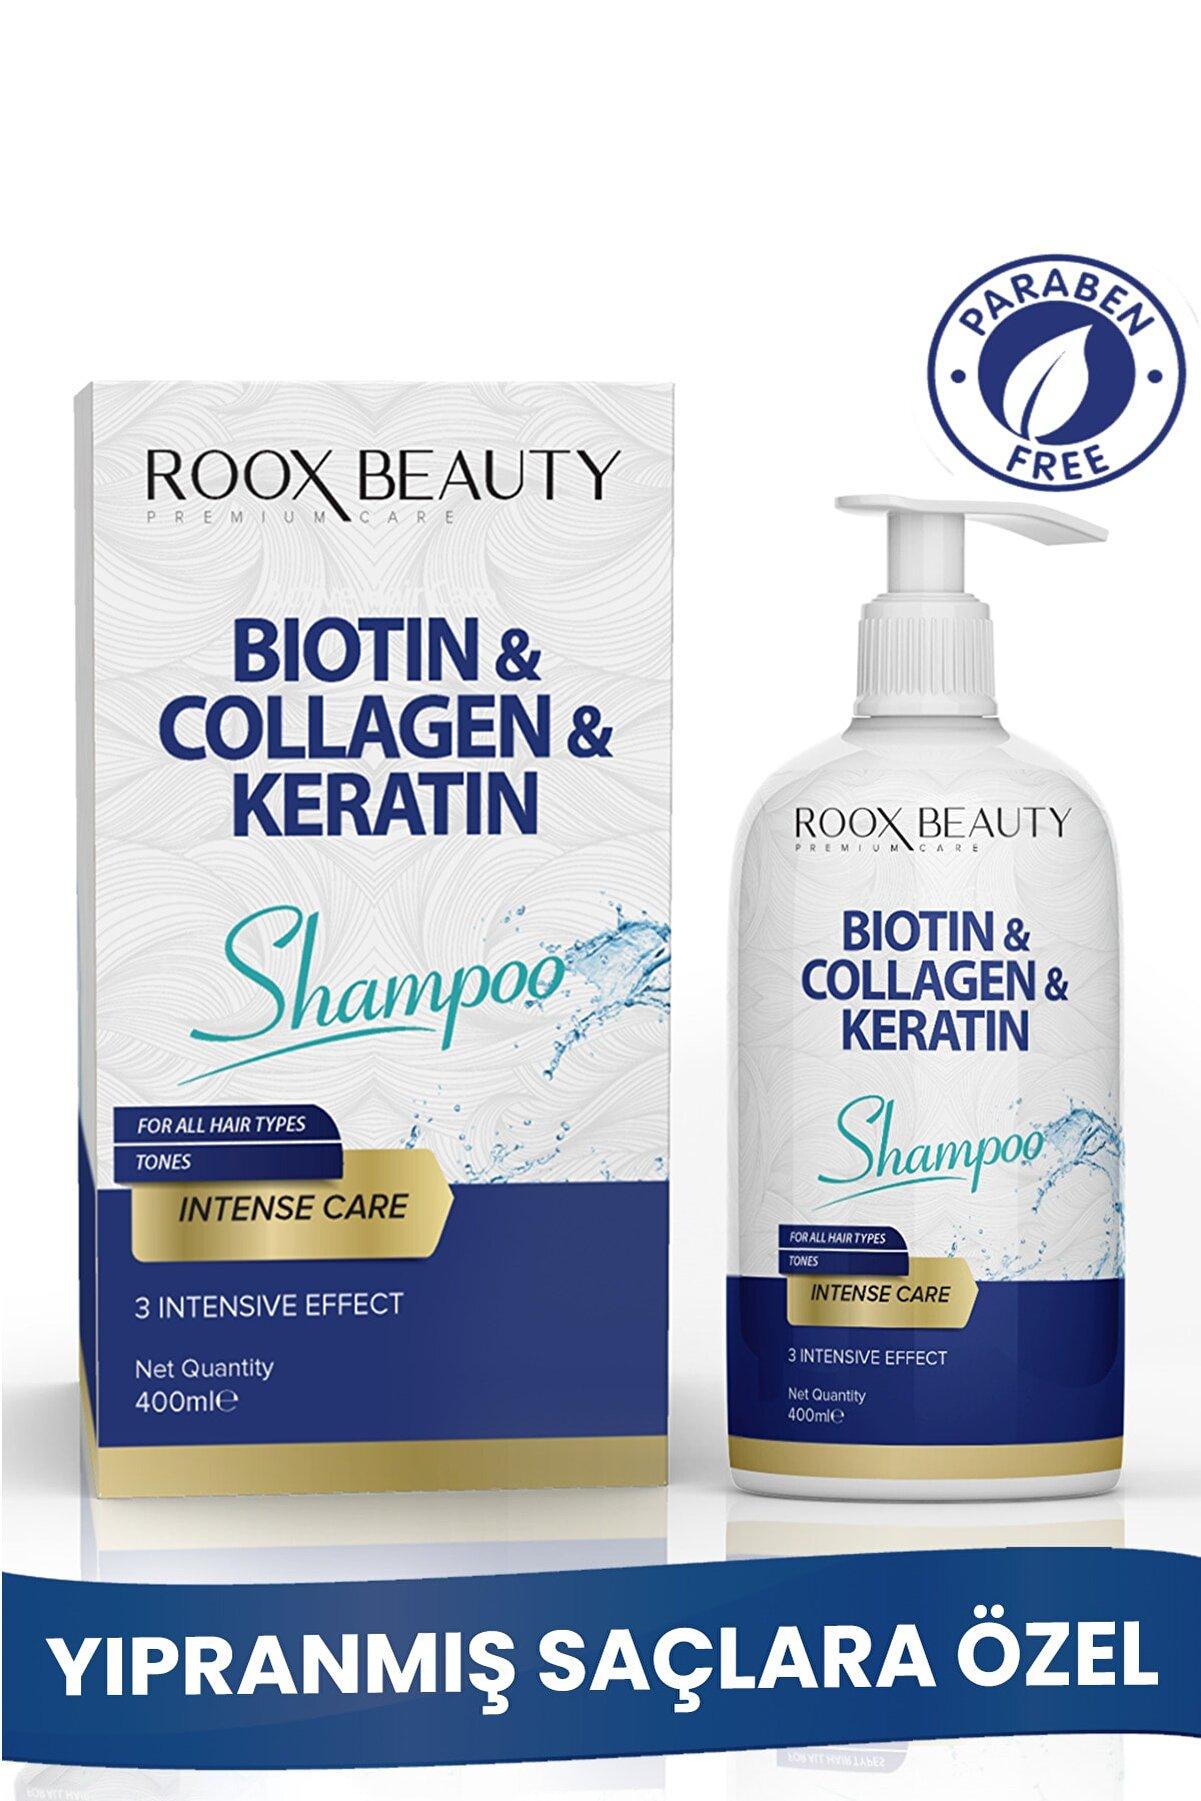 Roox Beauty Biotin - Kolajen - Keratin Katkılı Yıpranmış Saçlara Özel Bakım Şampuanı 400 ml